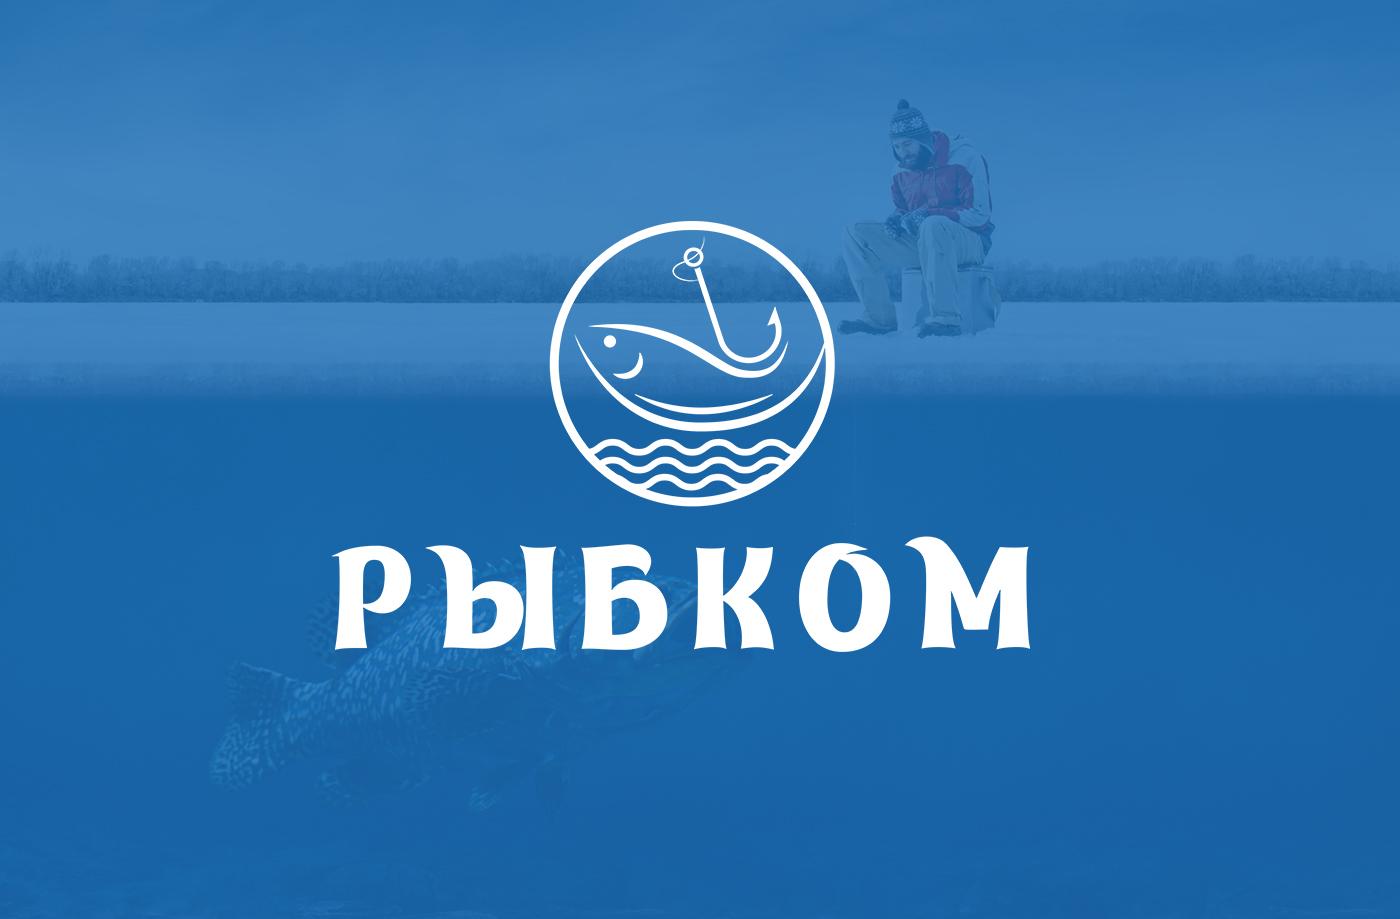 Создание логотипа и брэндбука для компании РЫБКОМ фото f_9615c0a8eb1c34c6.jpg